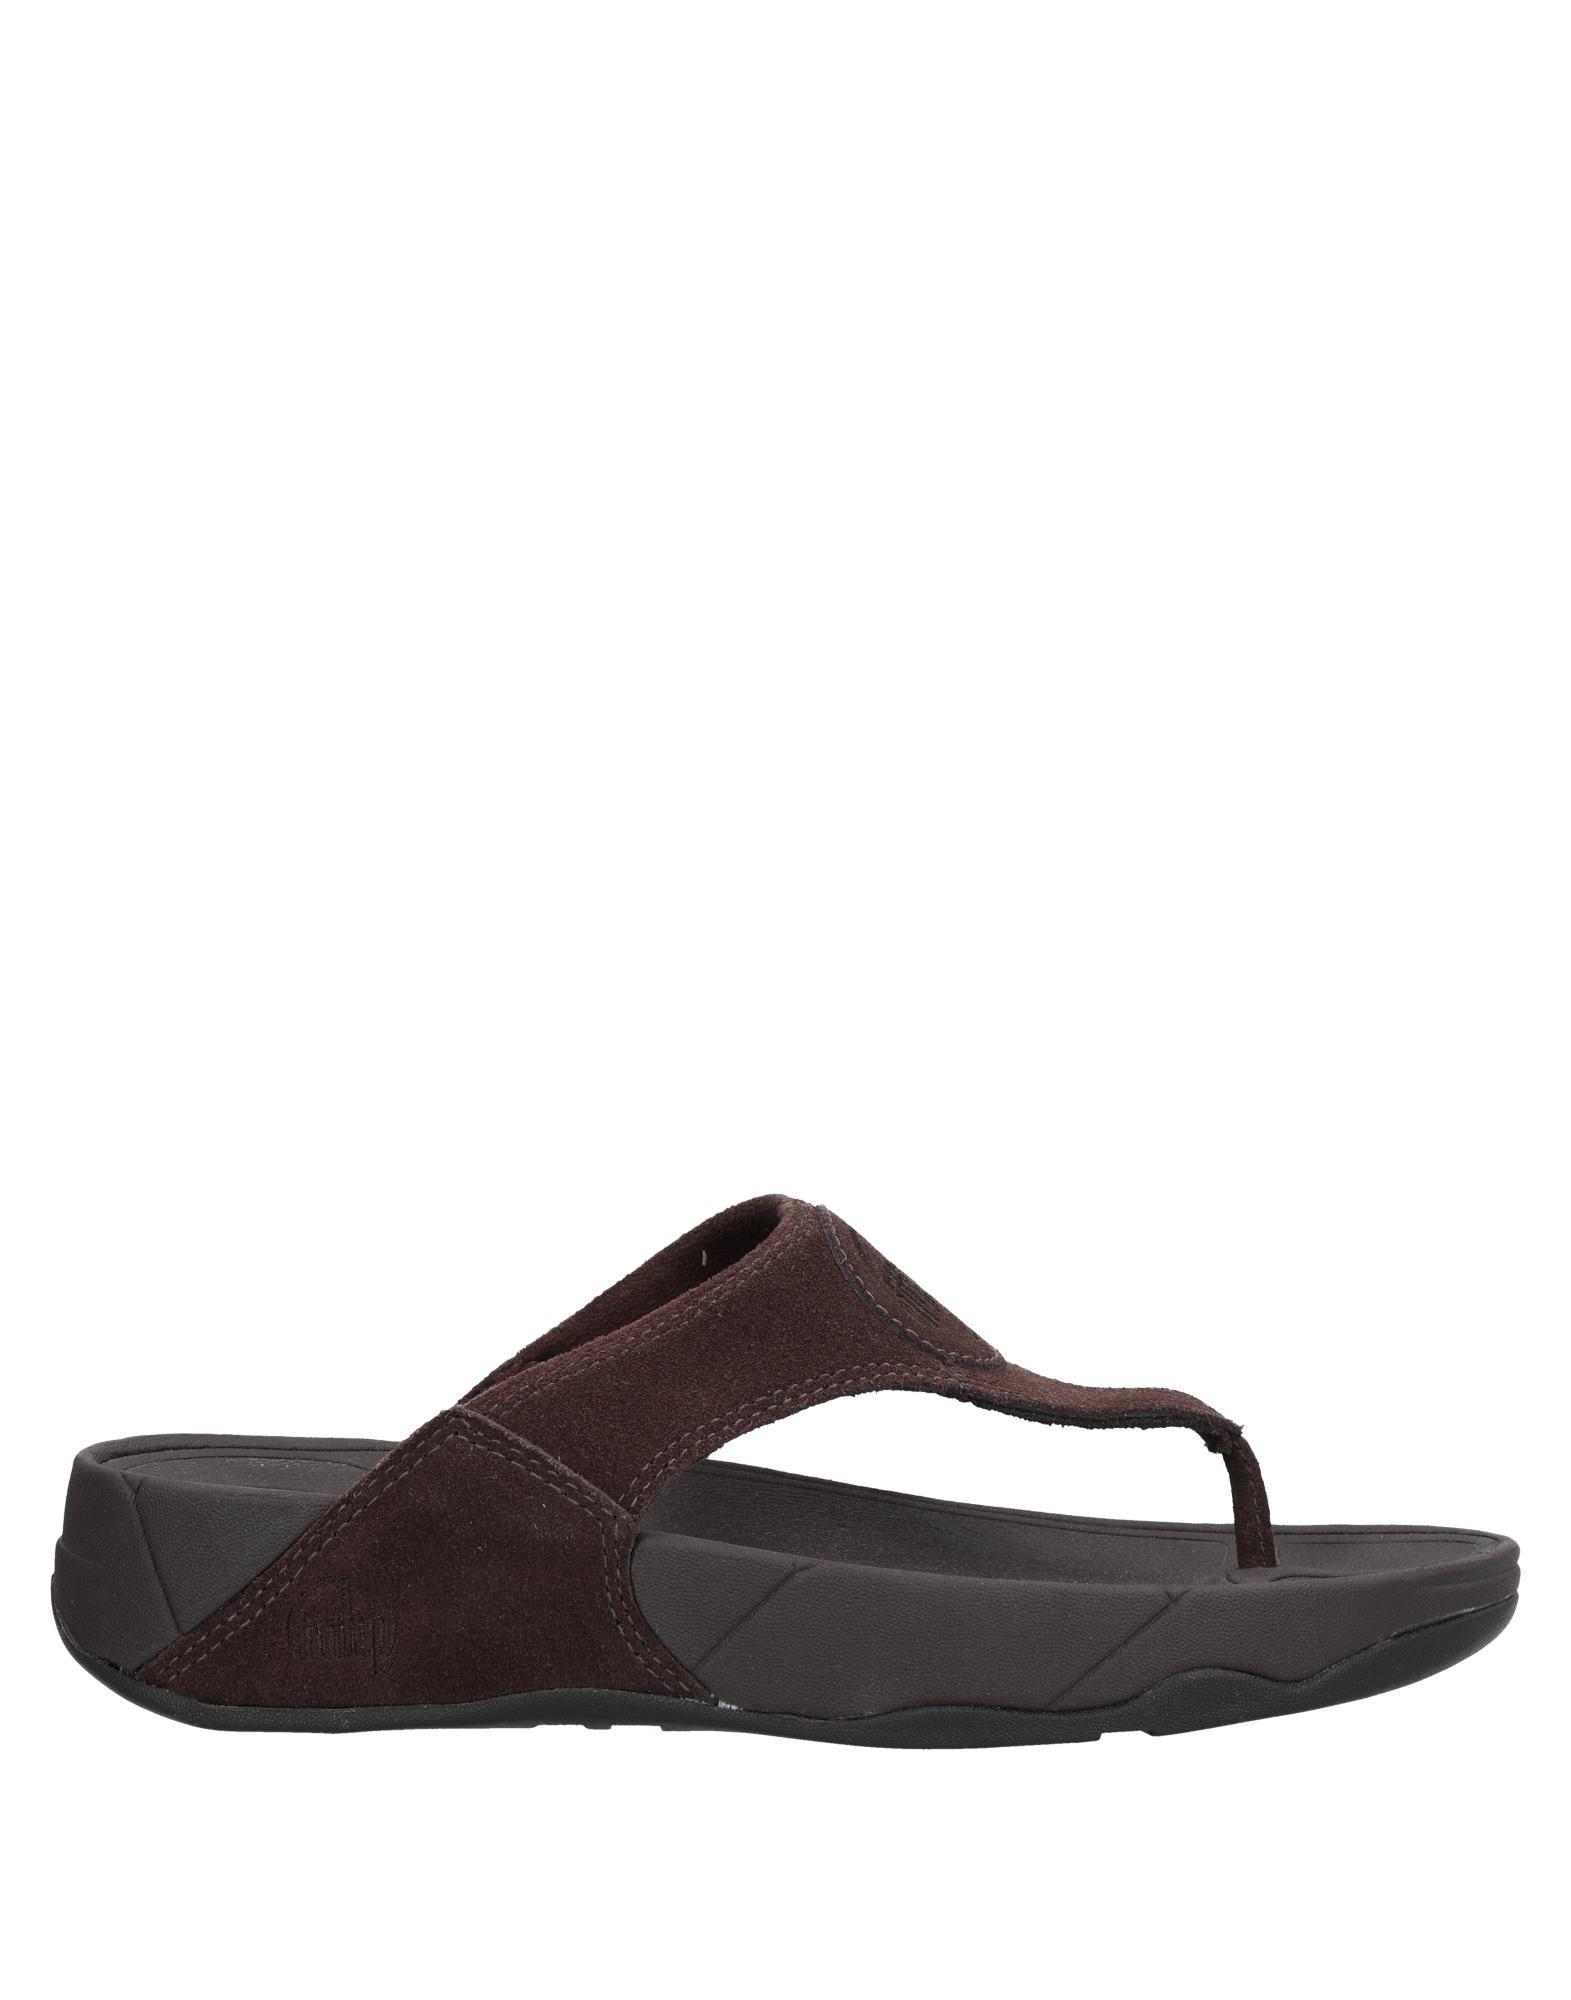 Fitflop Dianetten Damen  11526304LW Gute Qualität beliebte Schuhe